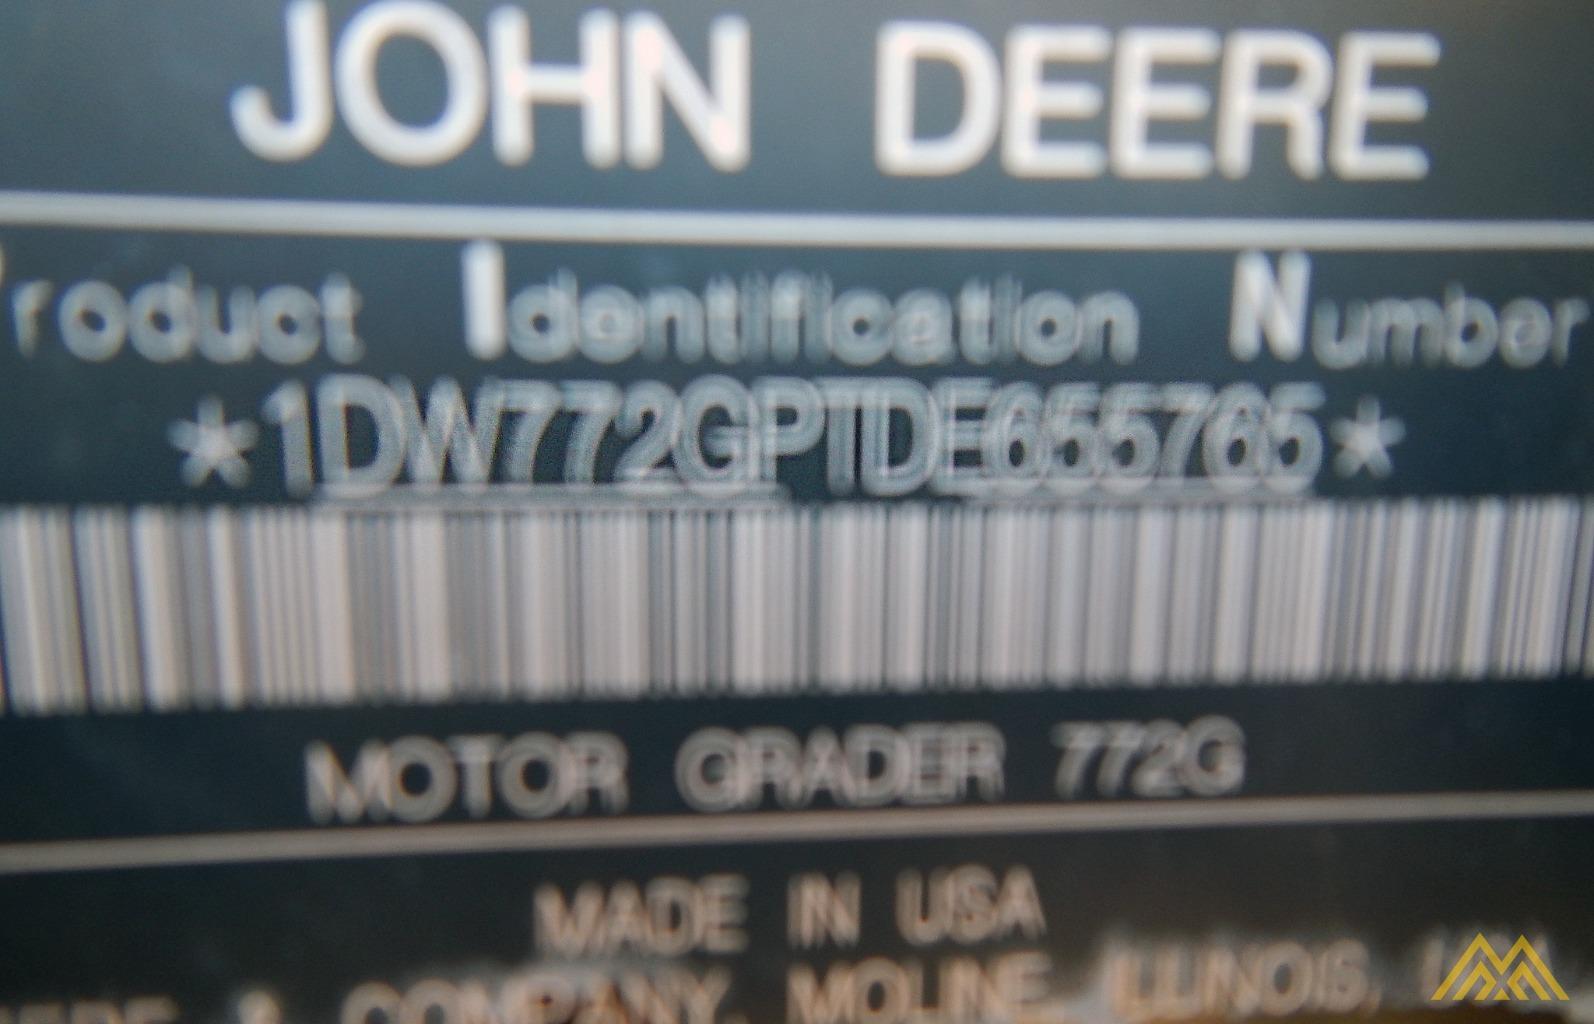 2013 JOHN DEERE 772G 10